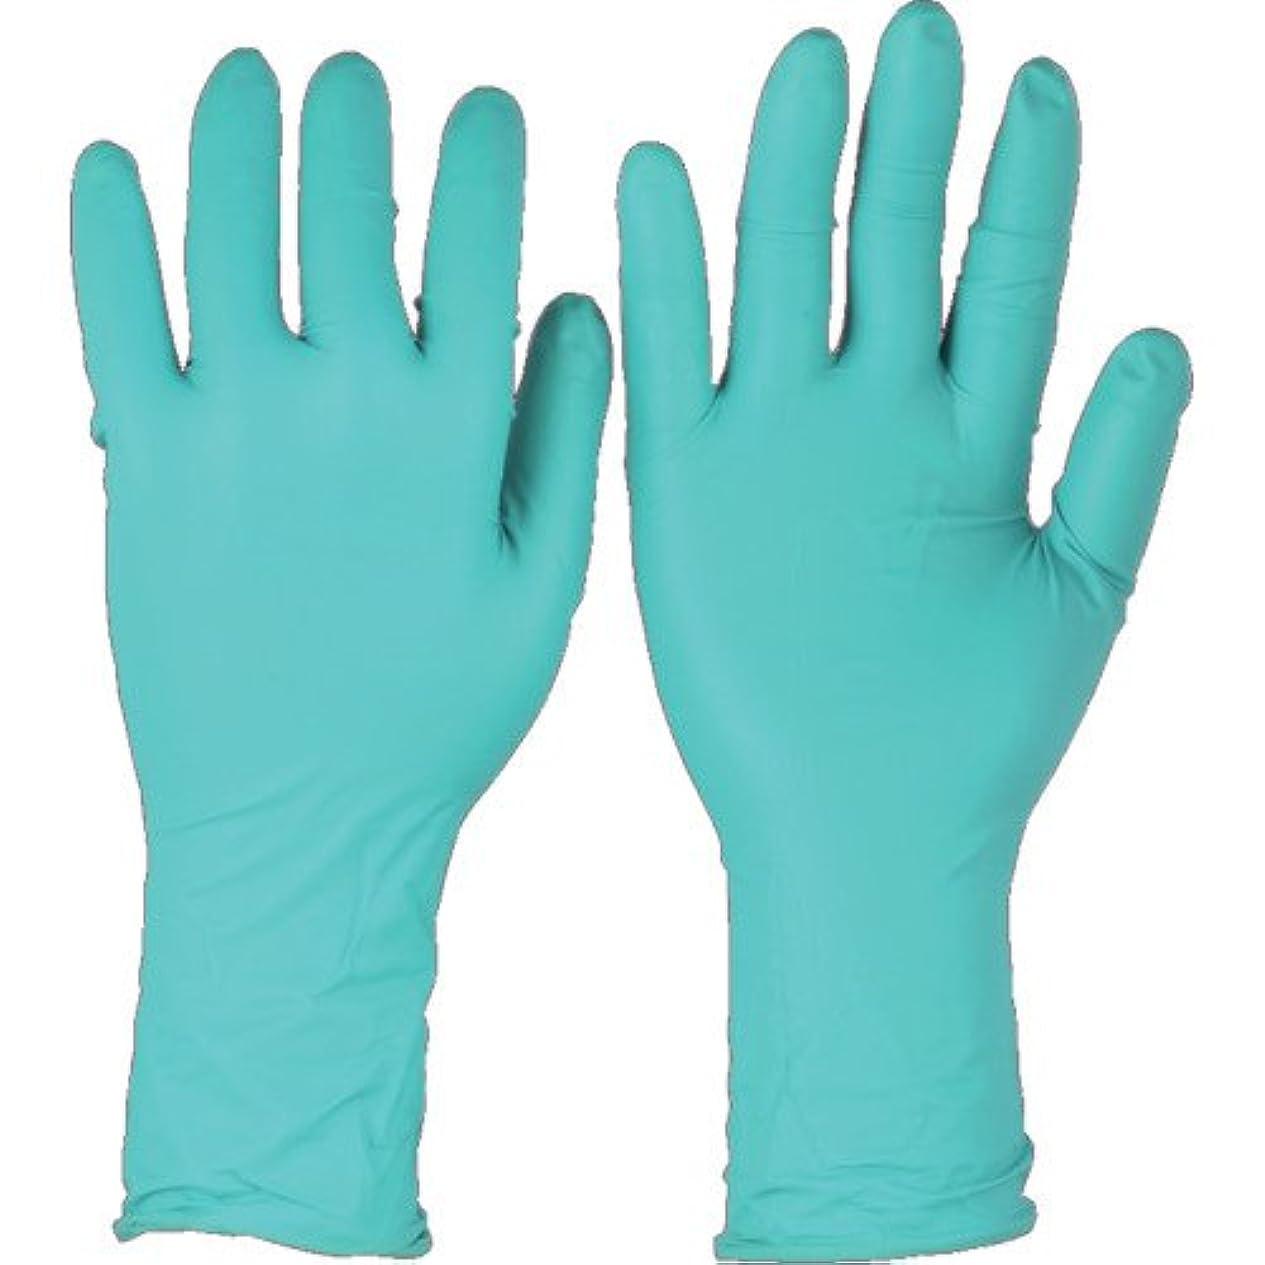 シエスタ安西冷蔵するトラスコ中山 アンセル ネオプレンゴム使い捨て手袋 マイクロフレックス 93-260 XSサイズ (50枚入)  932606